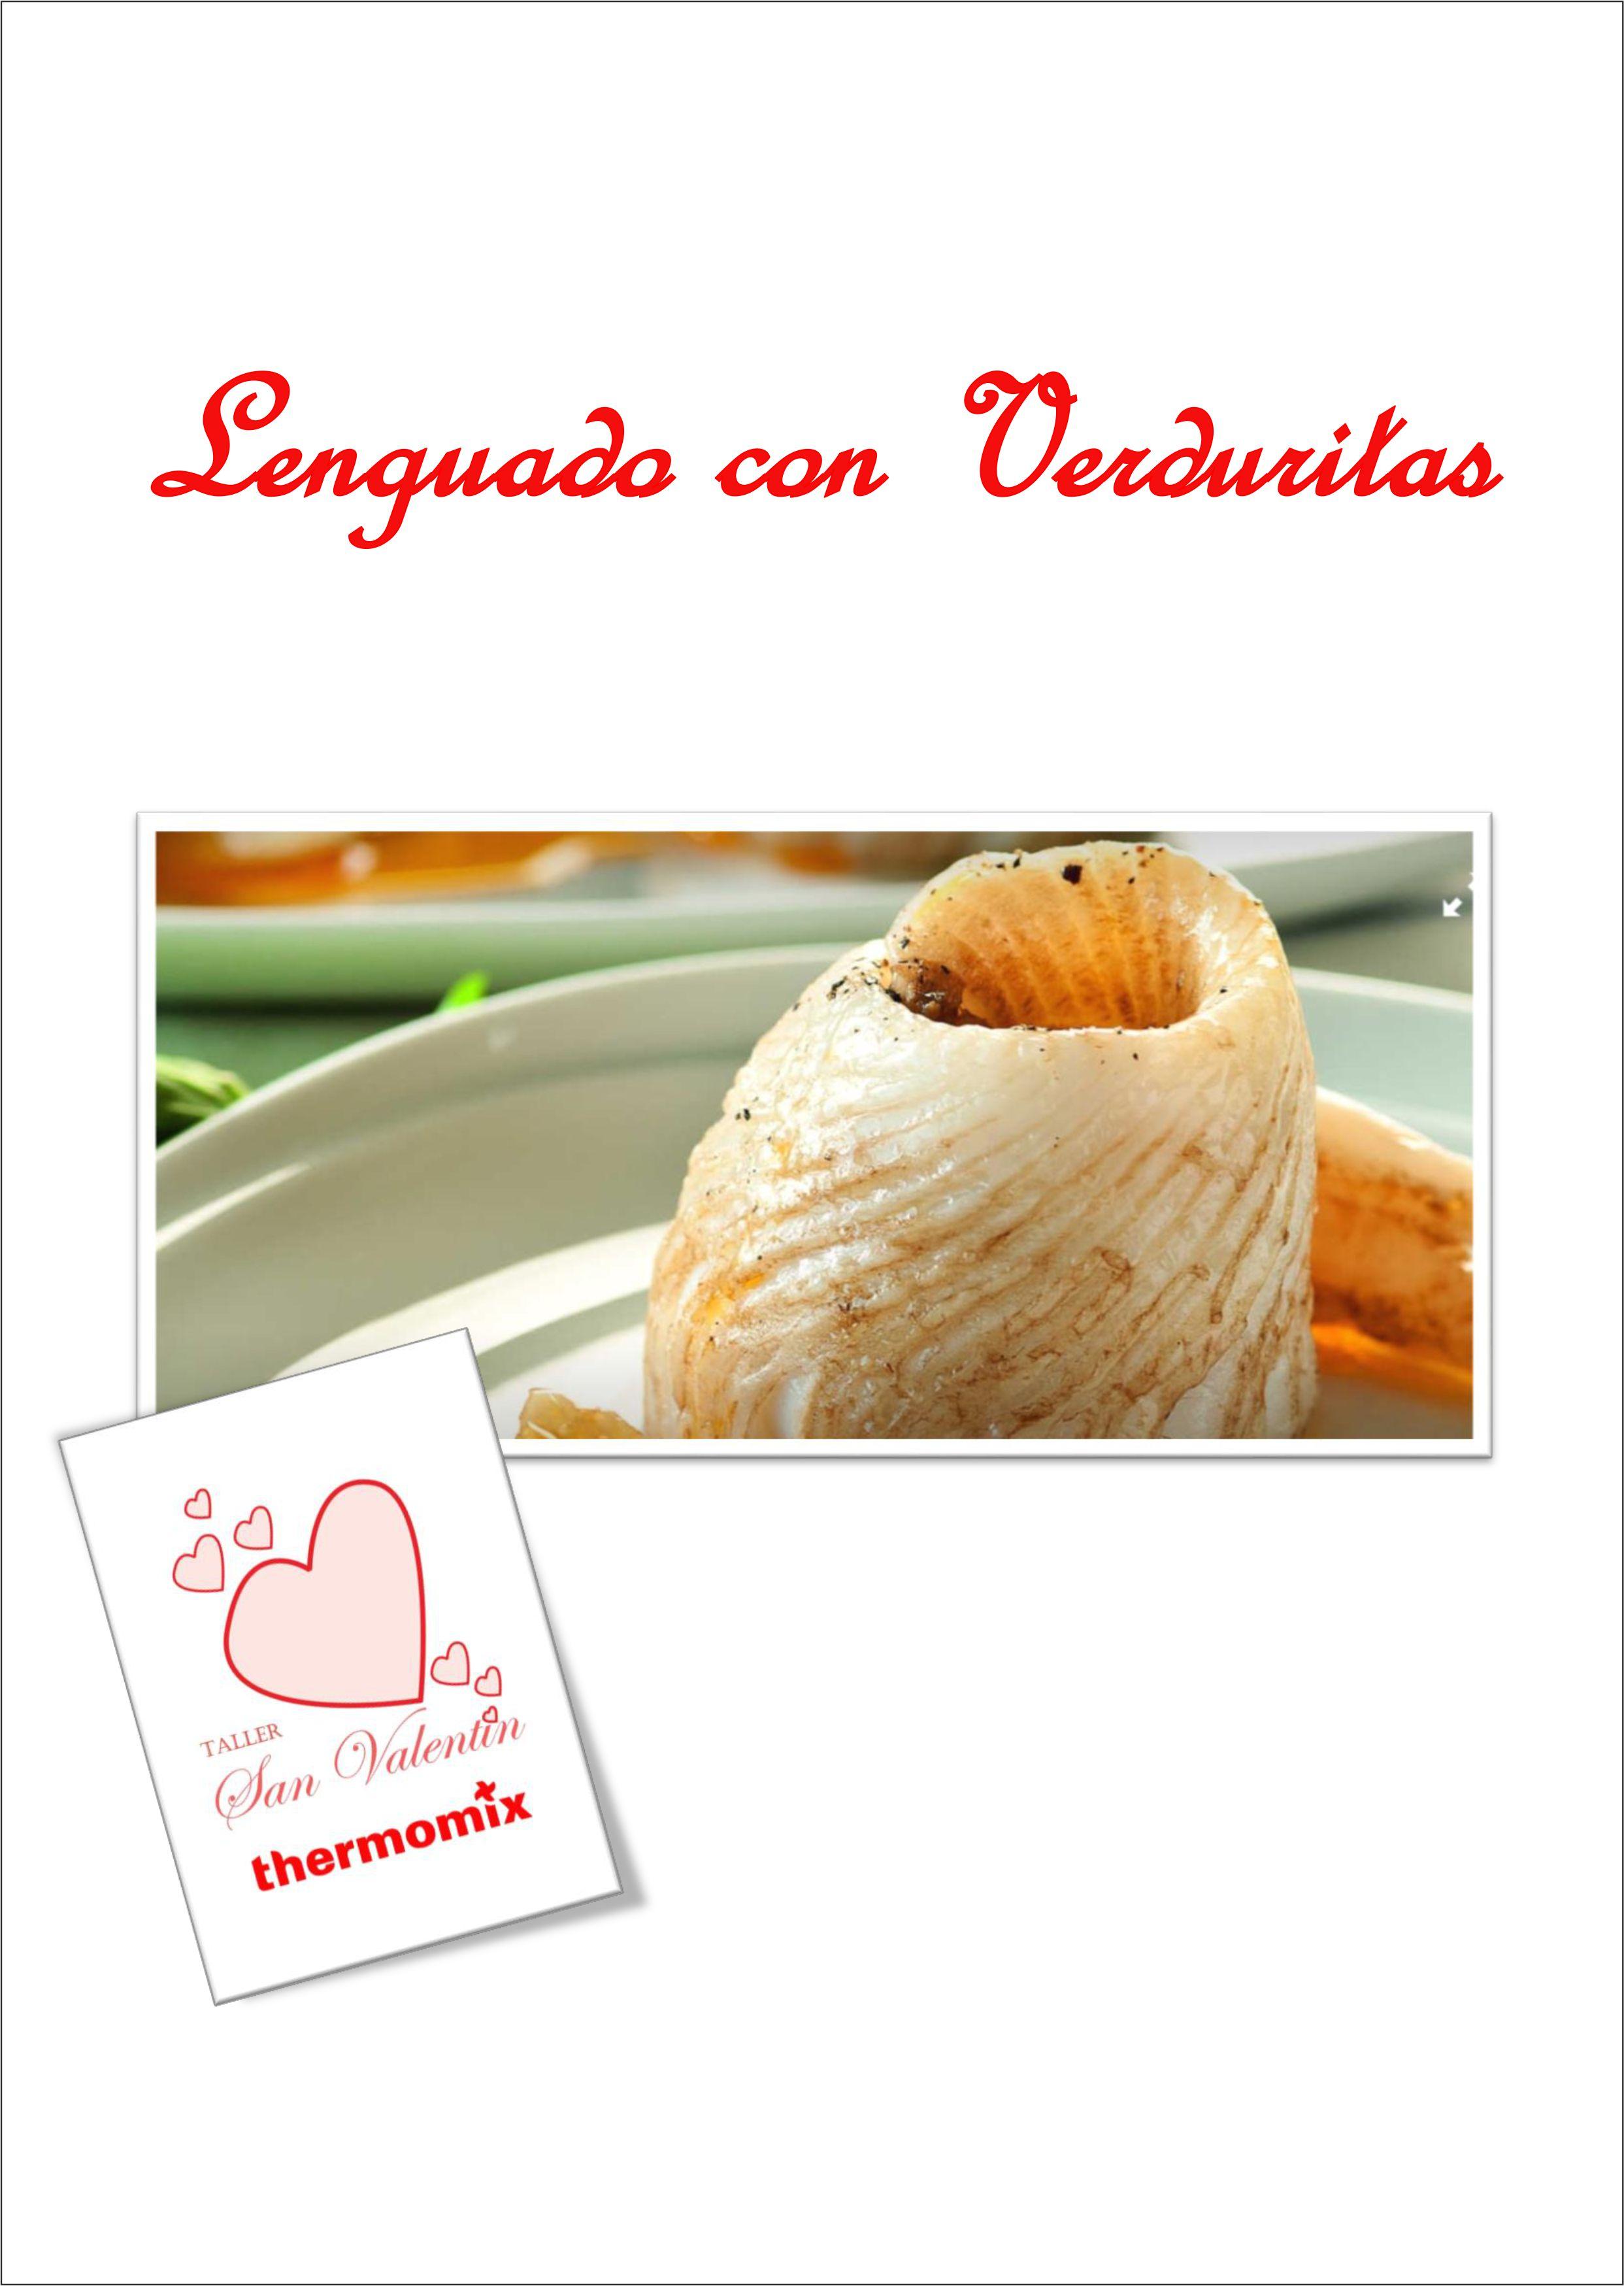 Taller San Valentín MANRESA